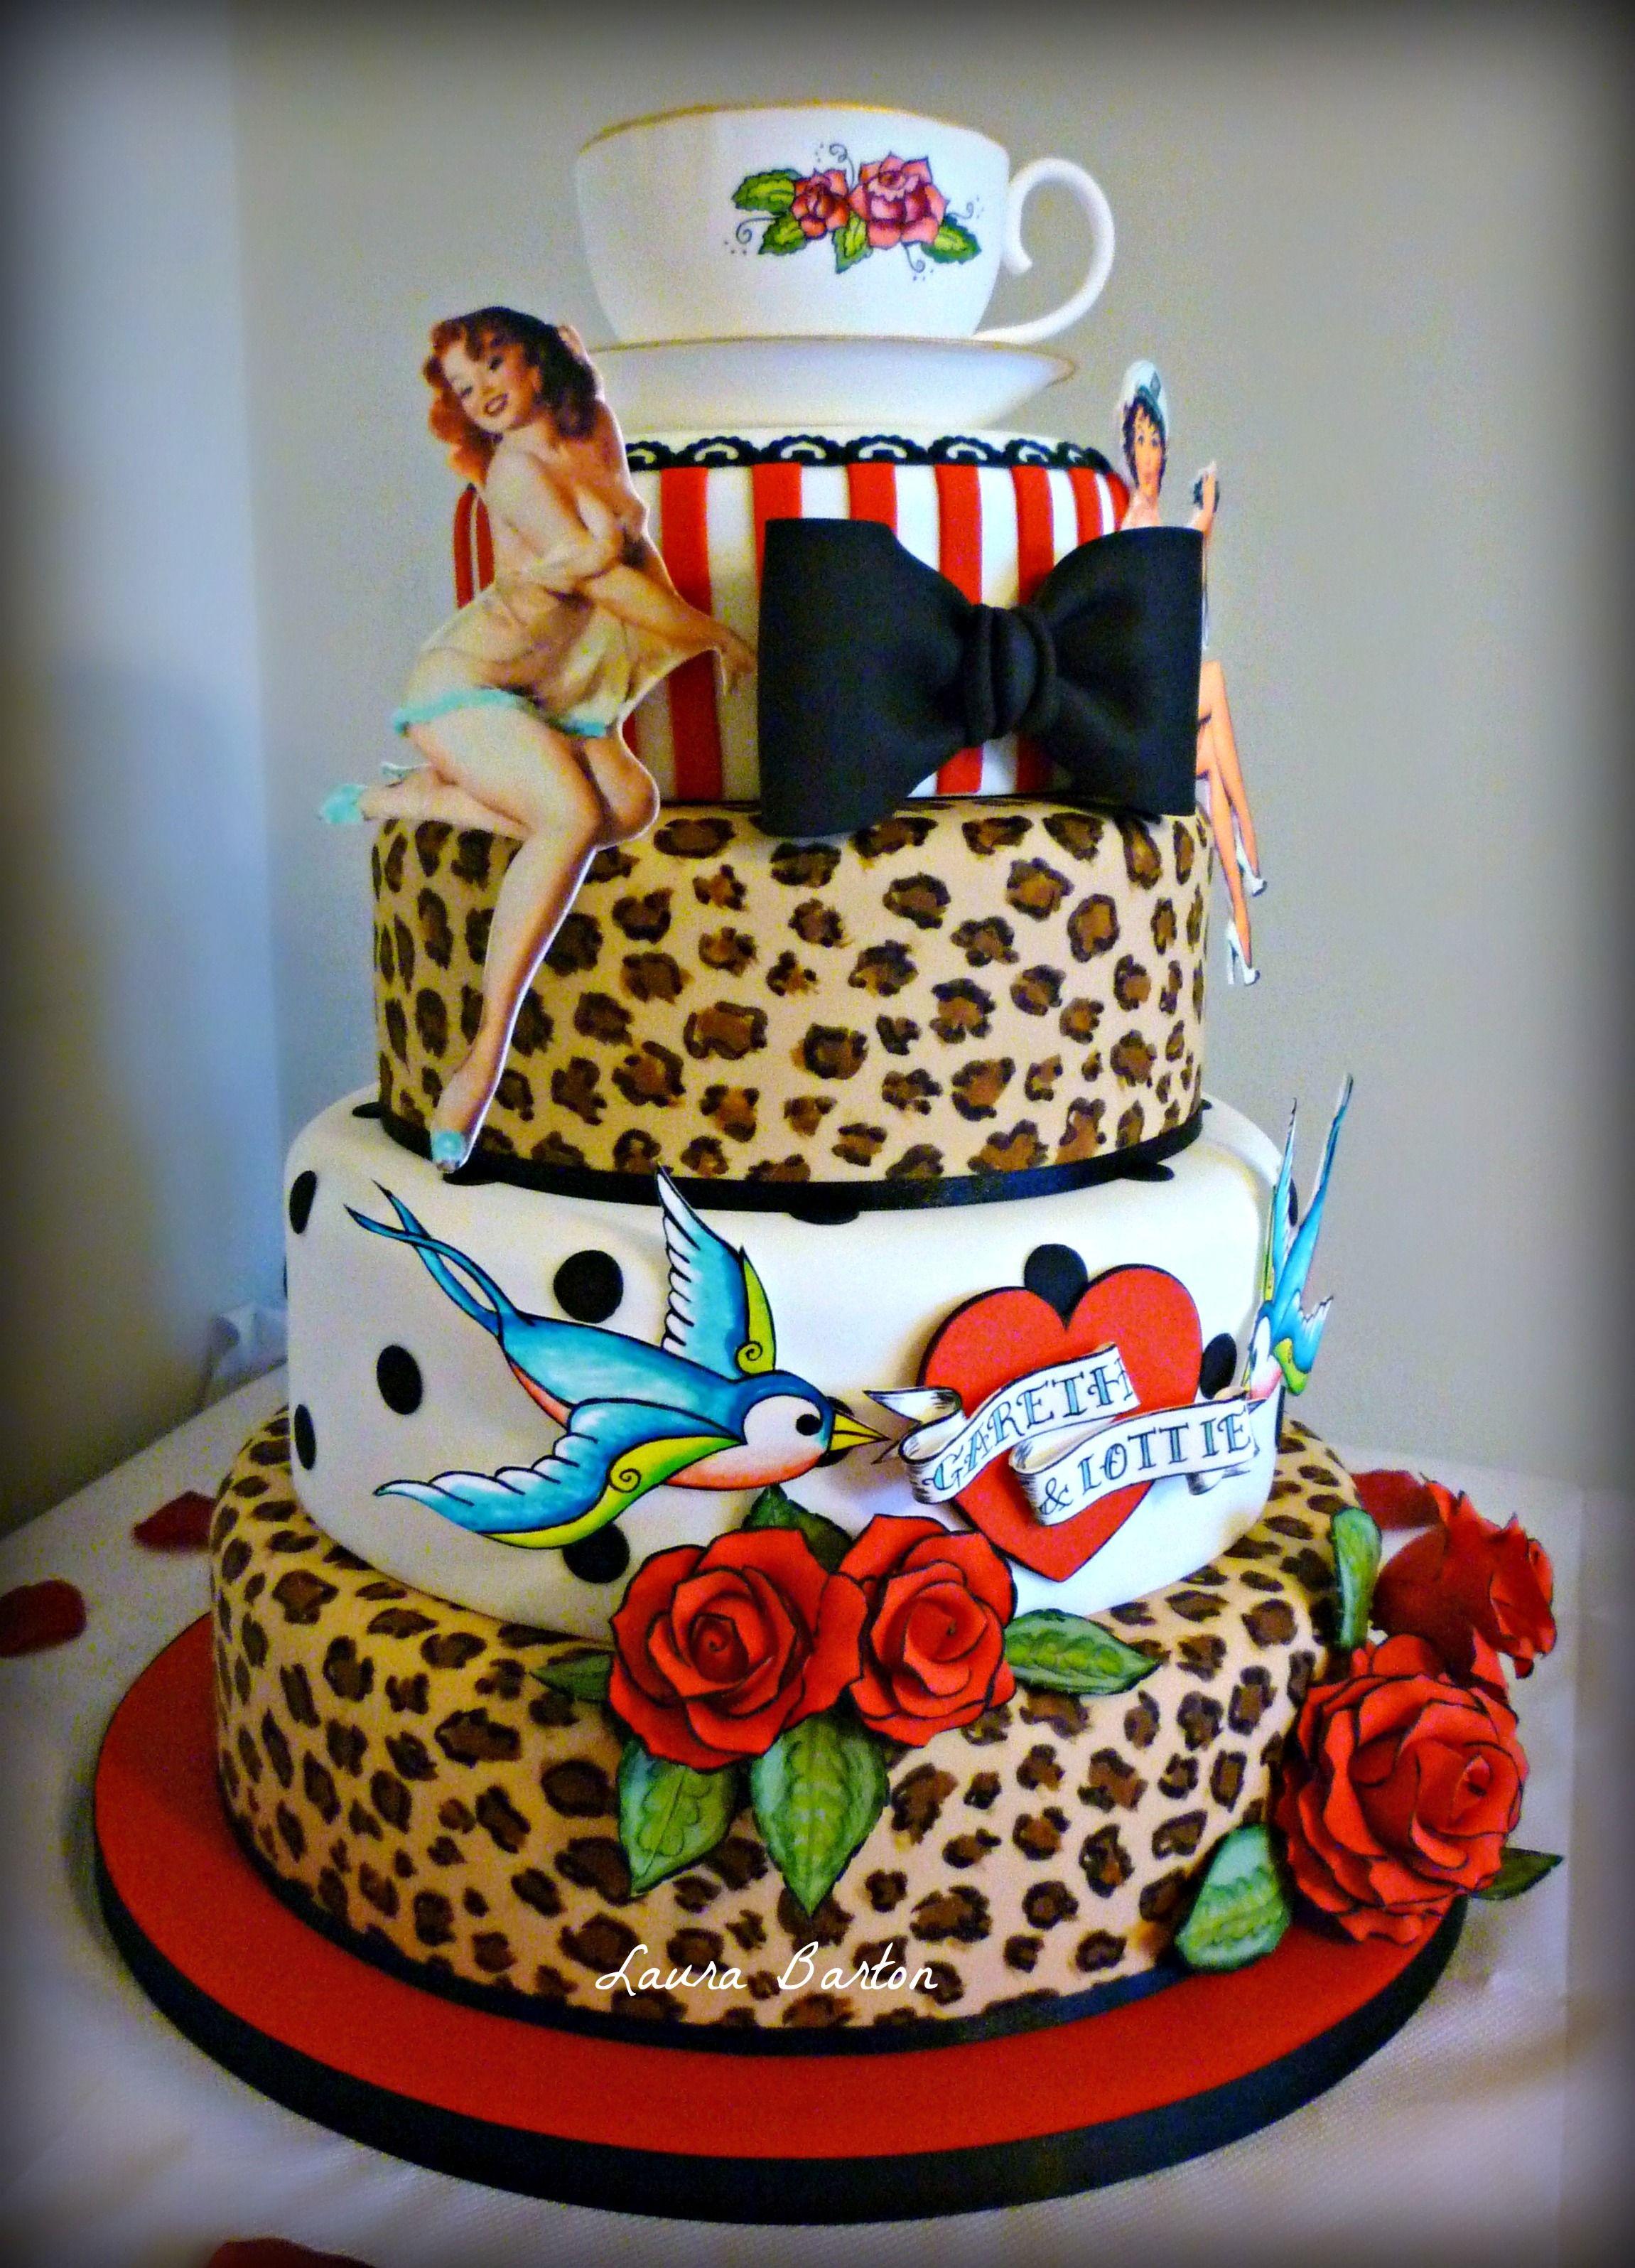 Pin up de 20 cm sur une base de 25 cm :) - Cake by Cécile